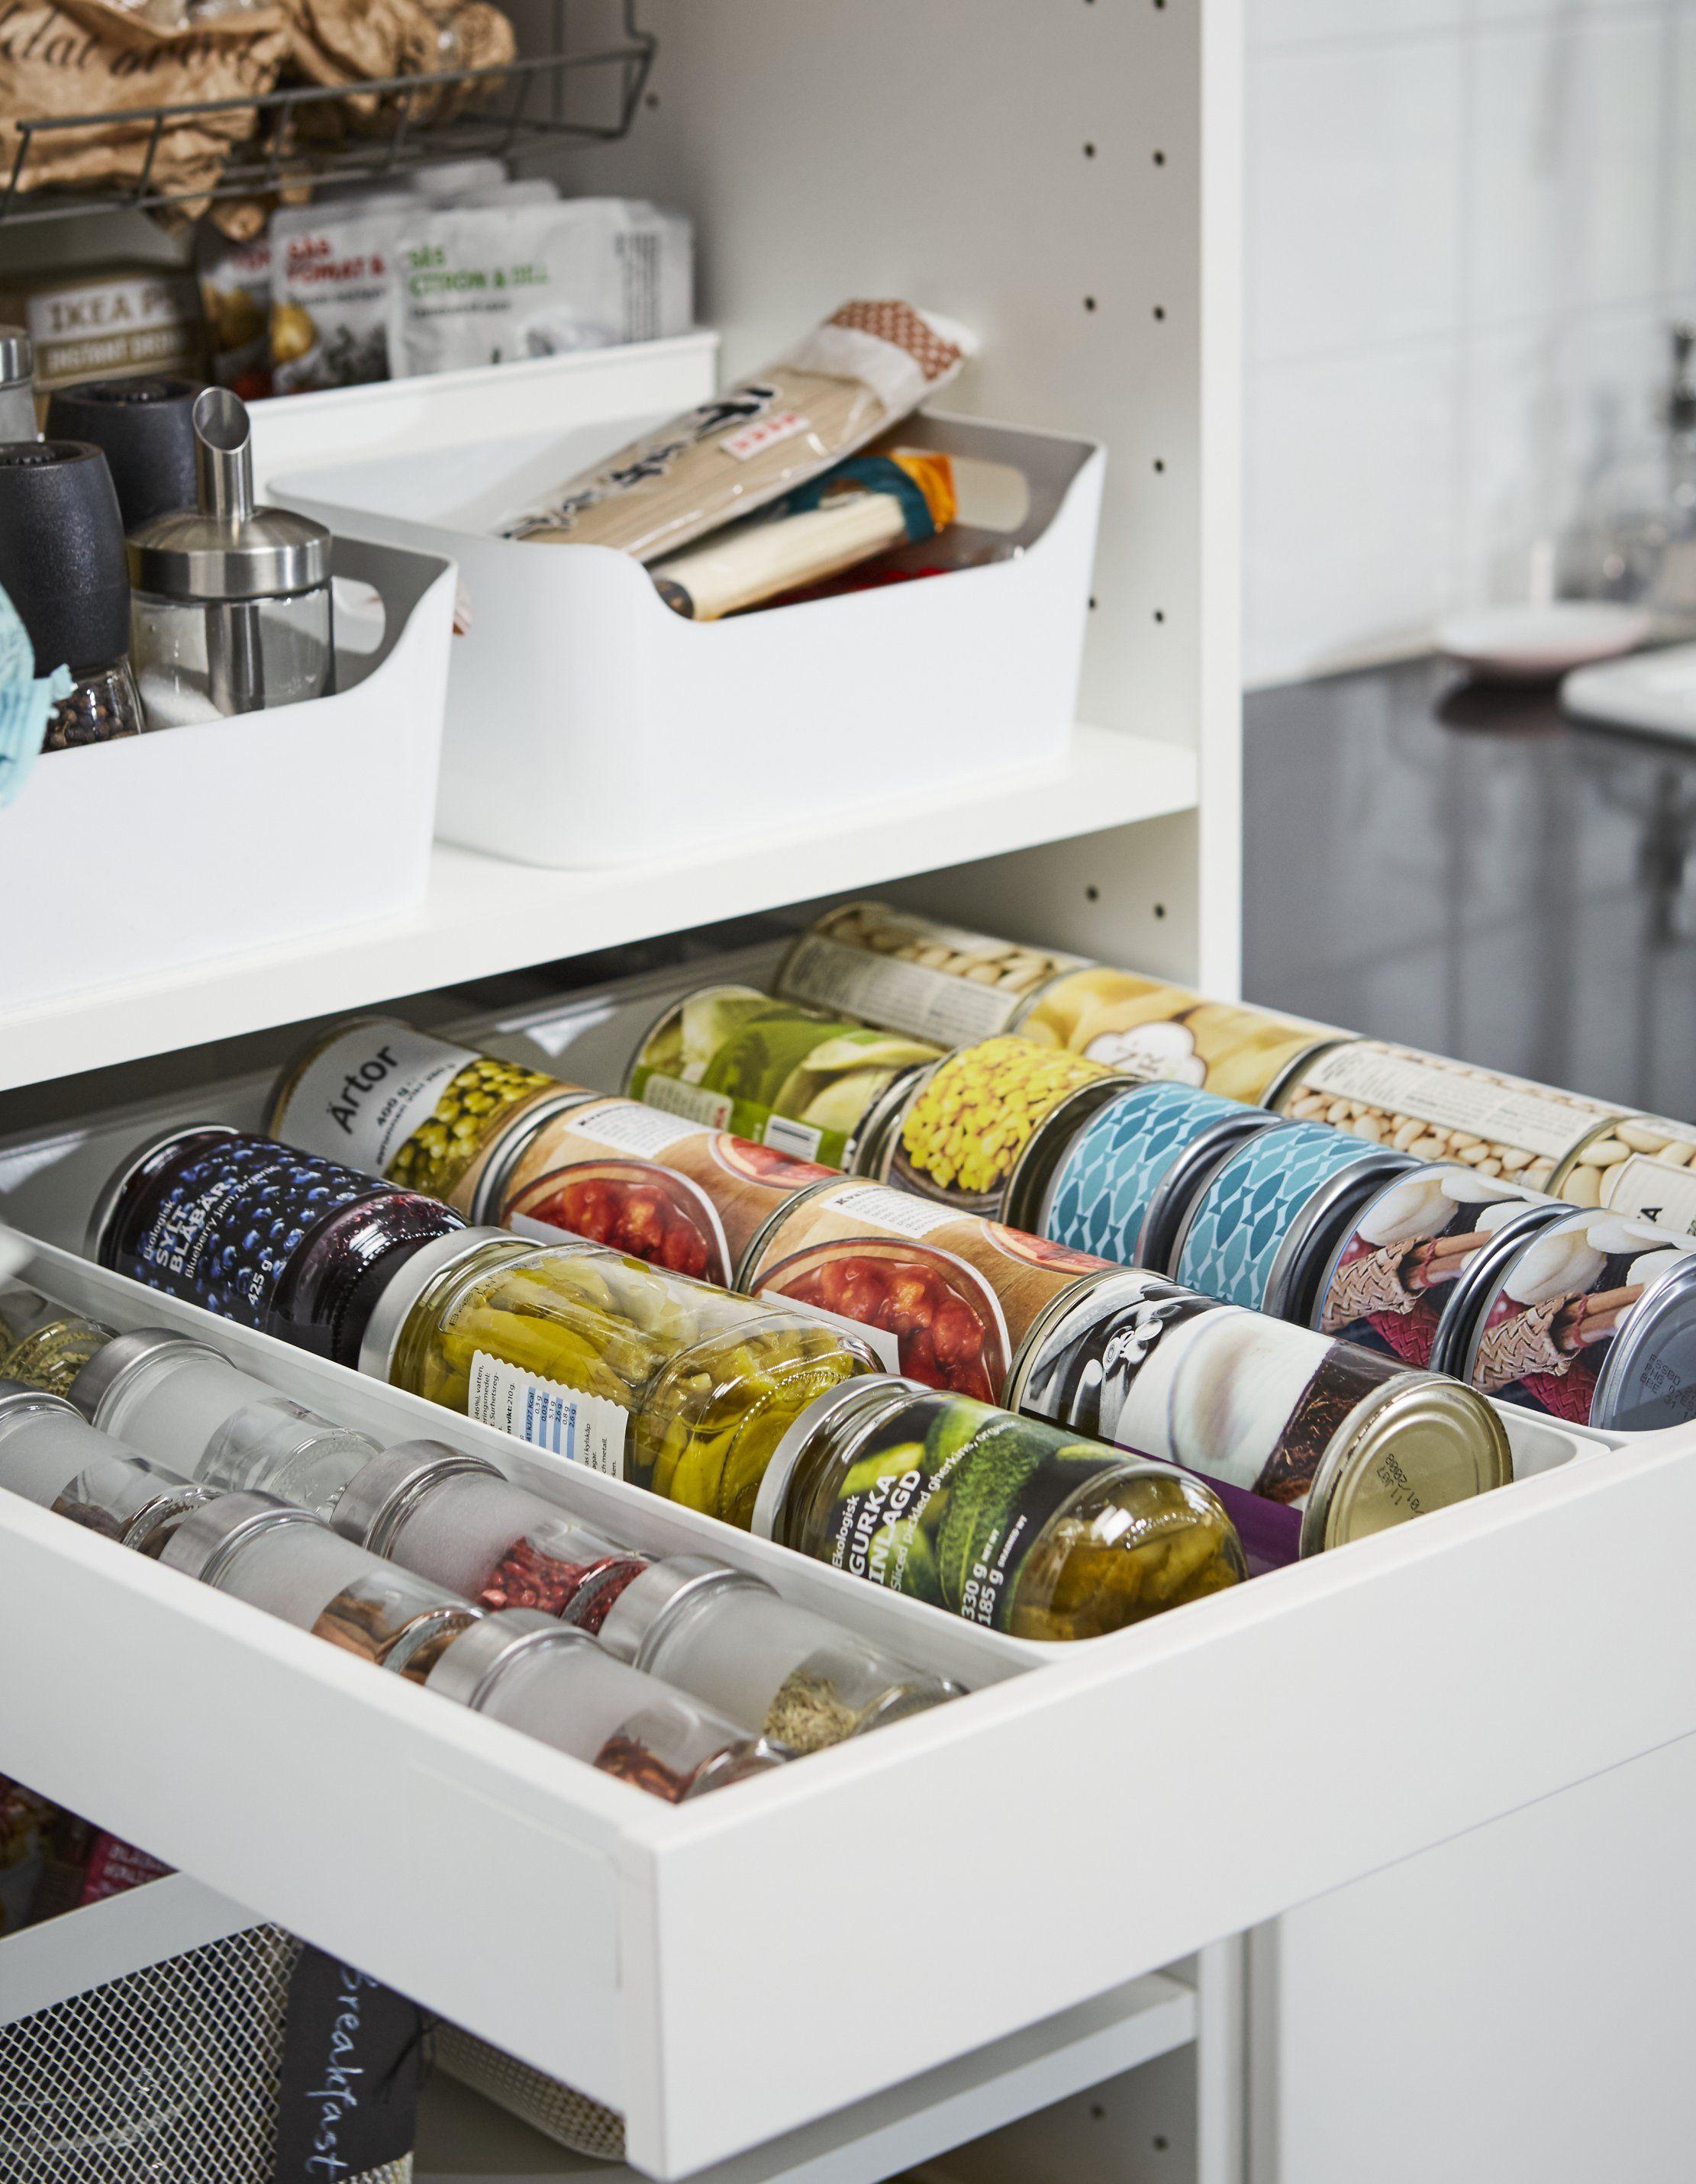 Diy Old Dresser Makeover Idea Refurbished In 2020 Ikea Kitchen Storage Pantry Storage Freestanding Kitchen Storage